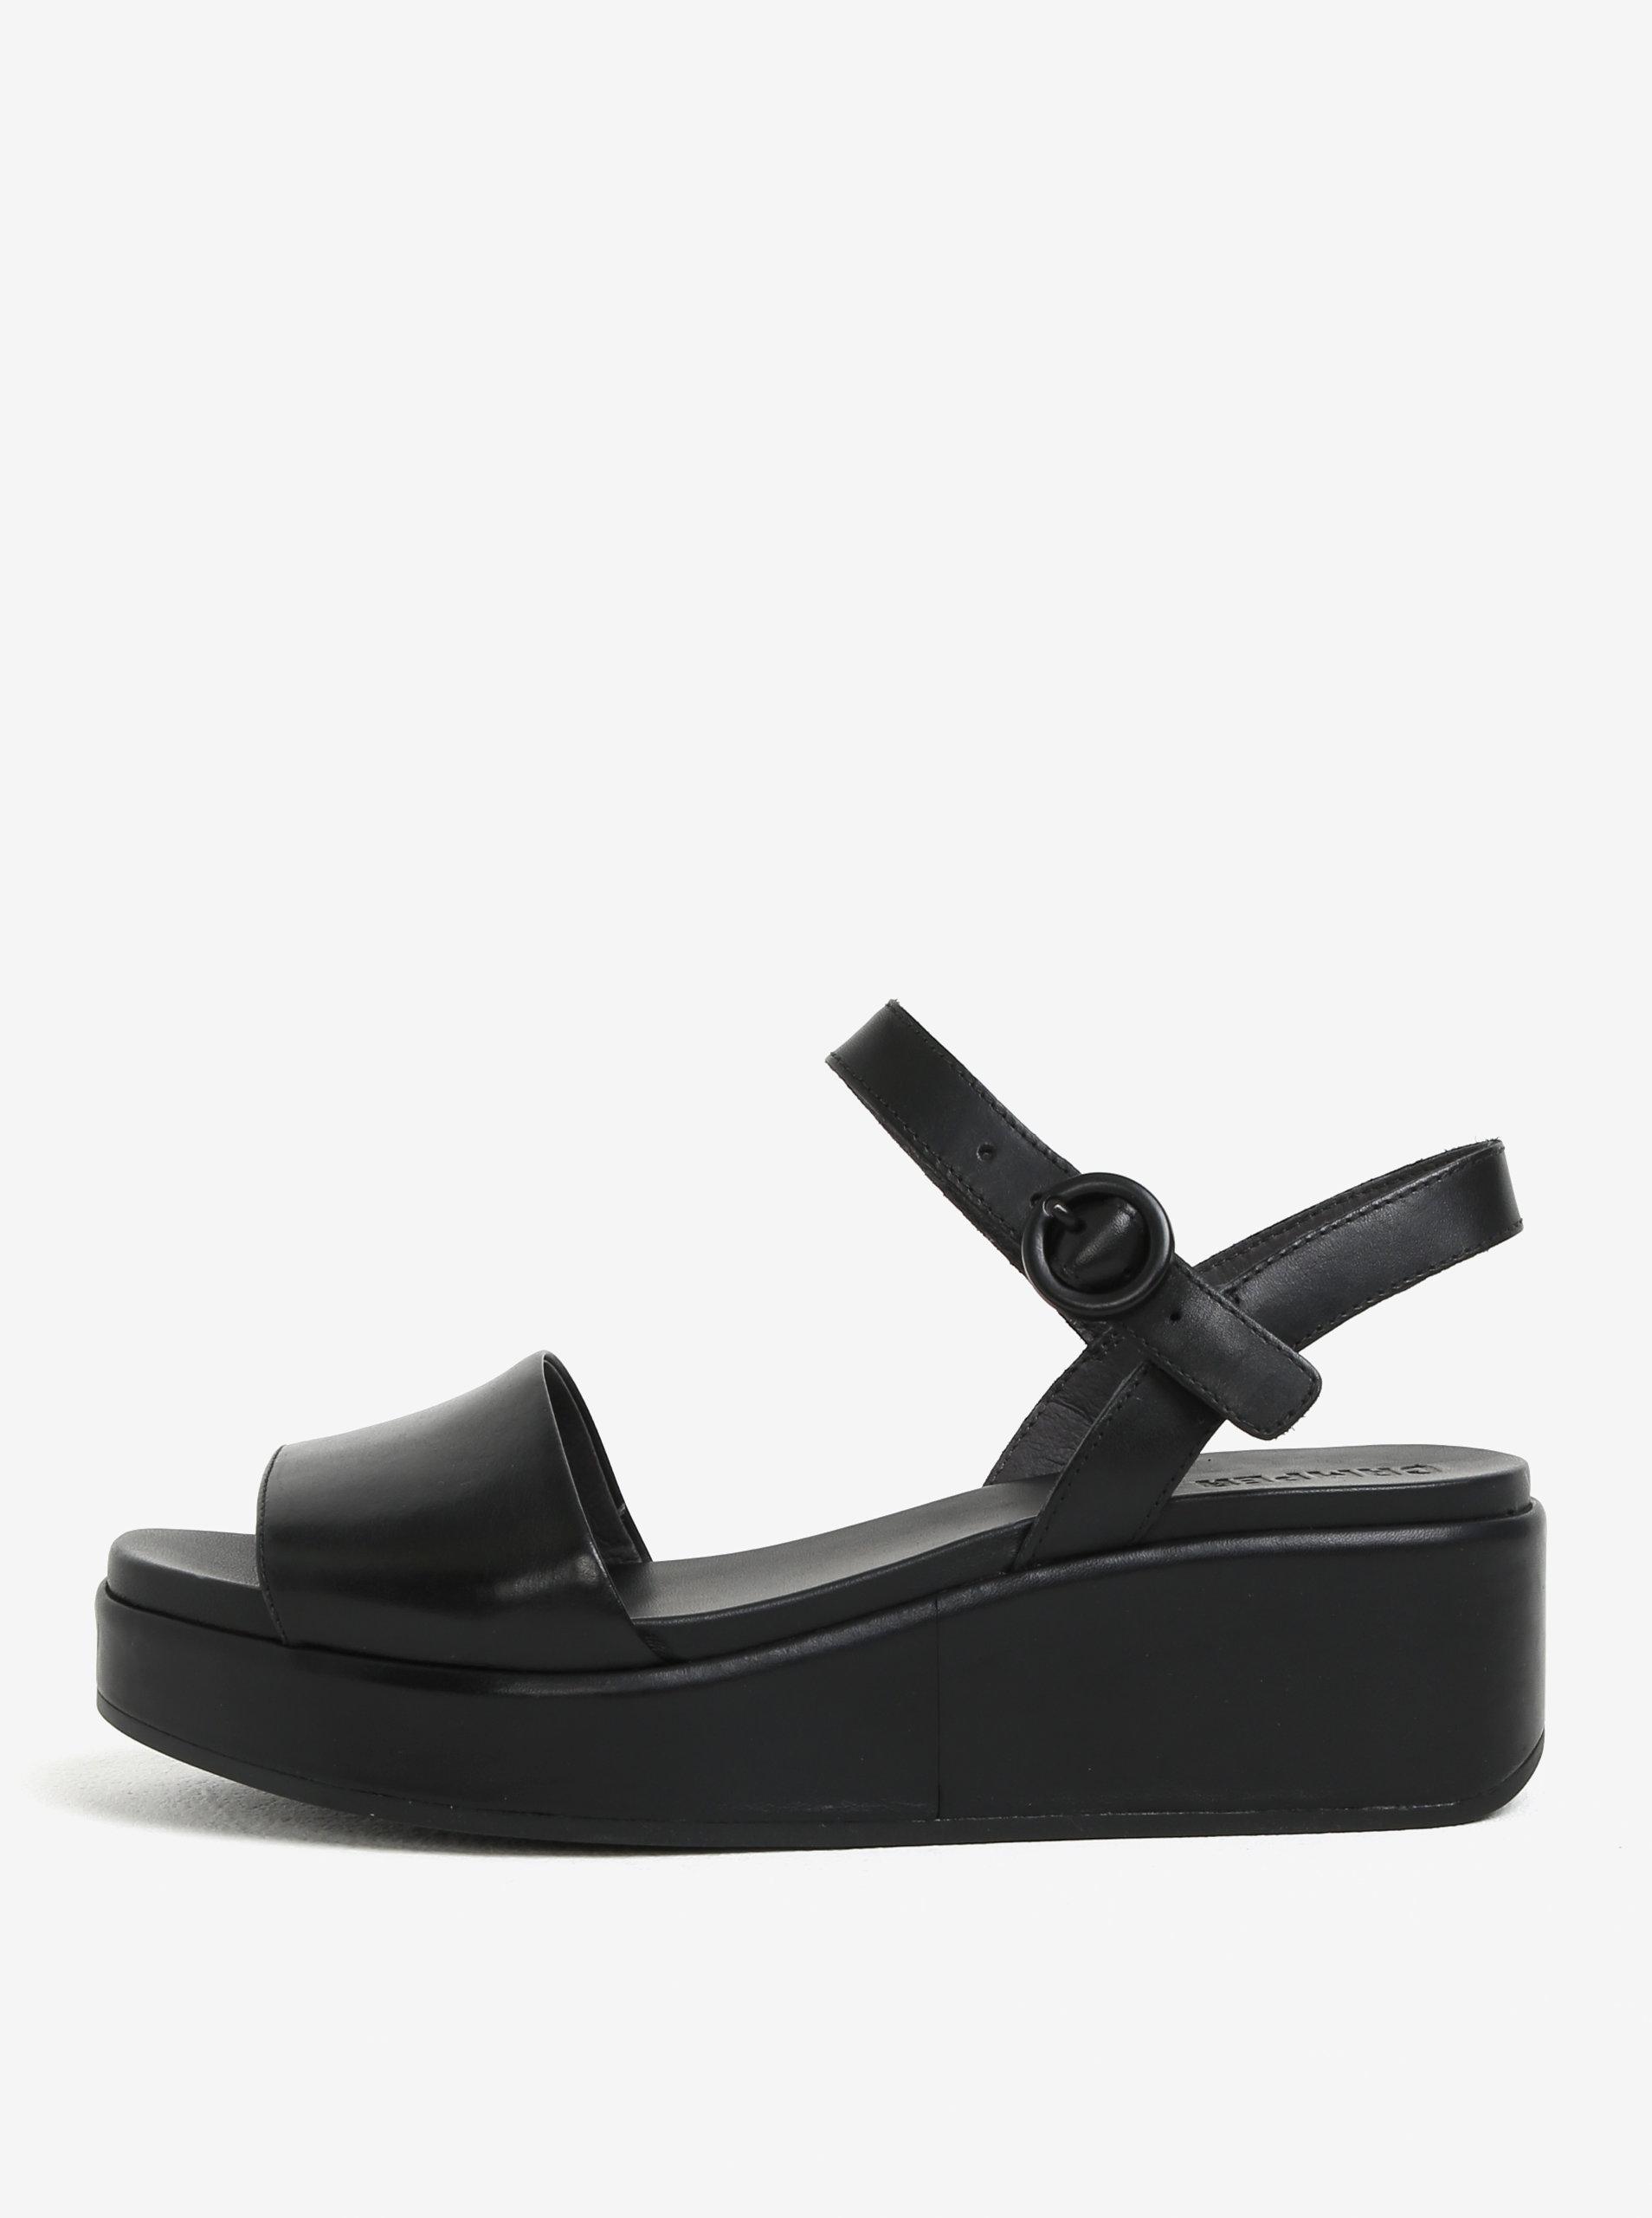 21dd54506a27 Čierne dámske kožené sandálky na platforme Camper Misia ...